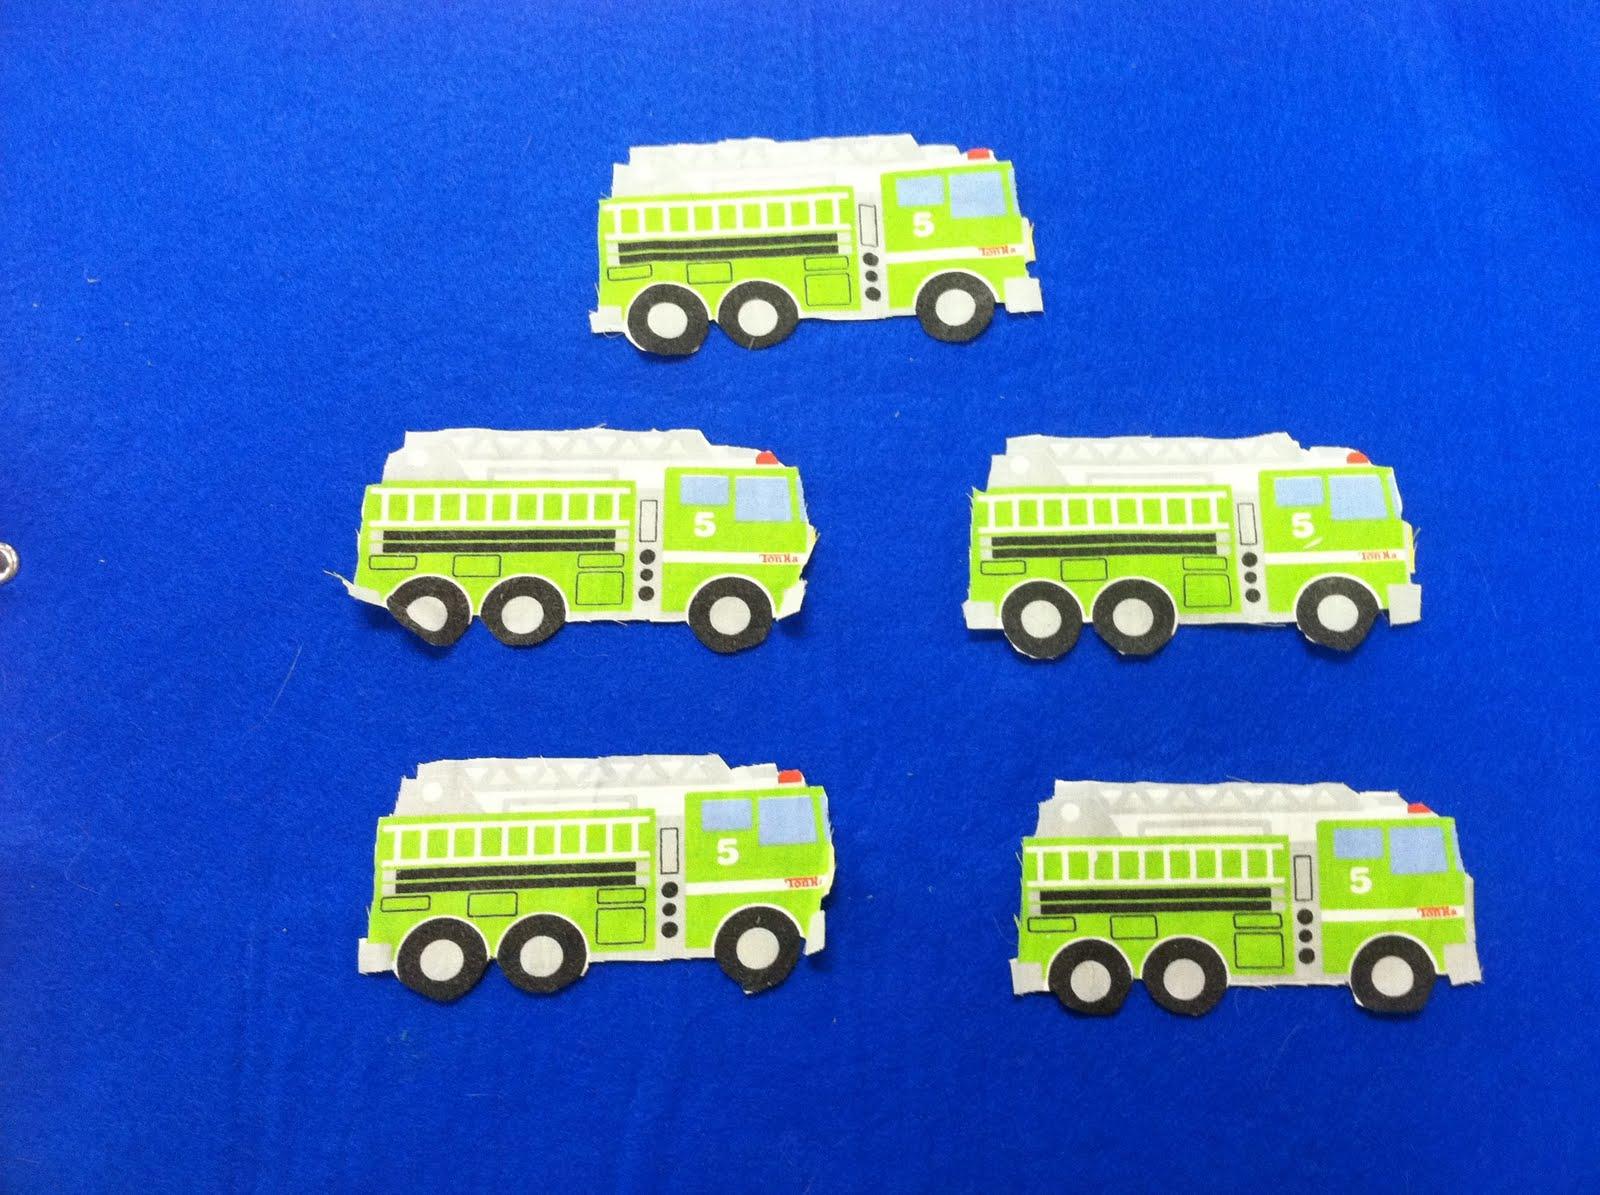 5 Little Fire Trucks